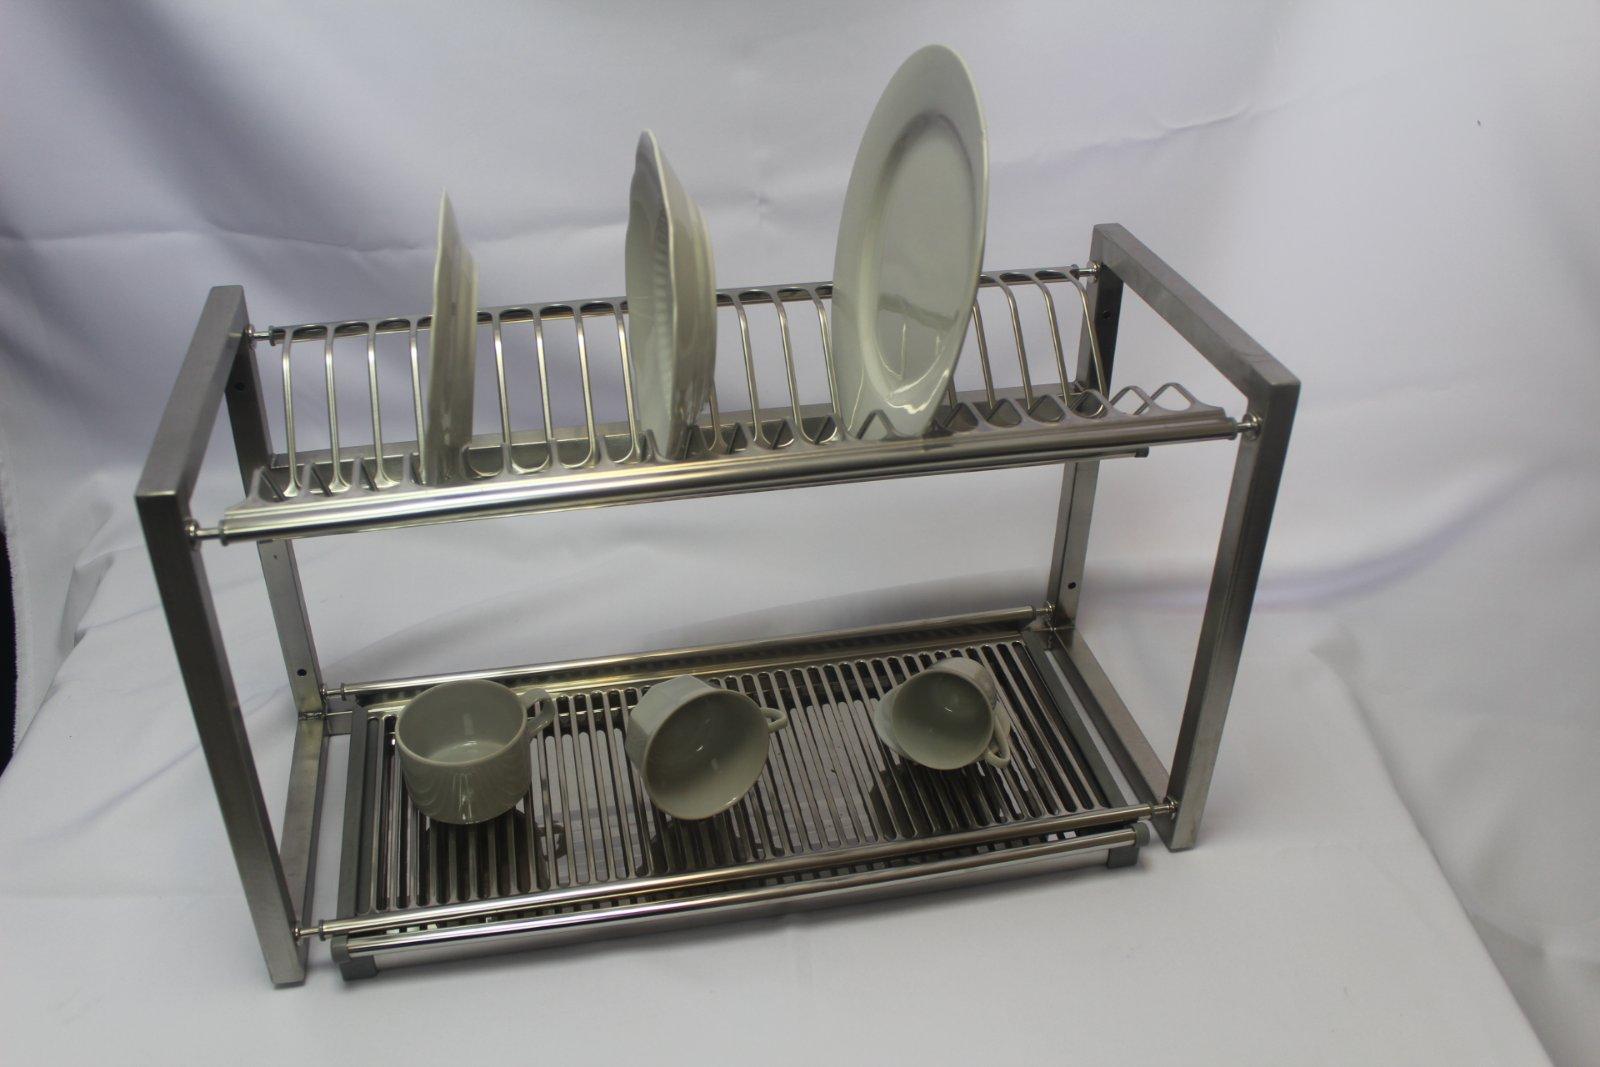 Полка для сушки посуды нержавейка открытая (1100 x 300 x 350) - фотография №7